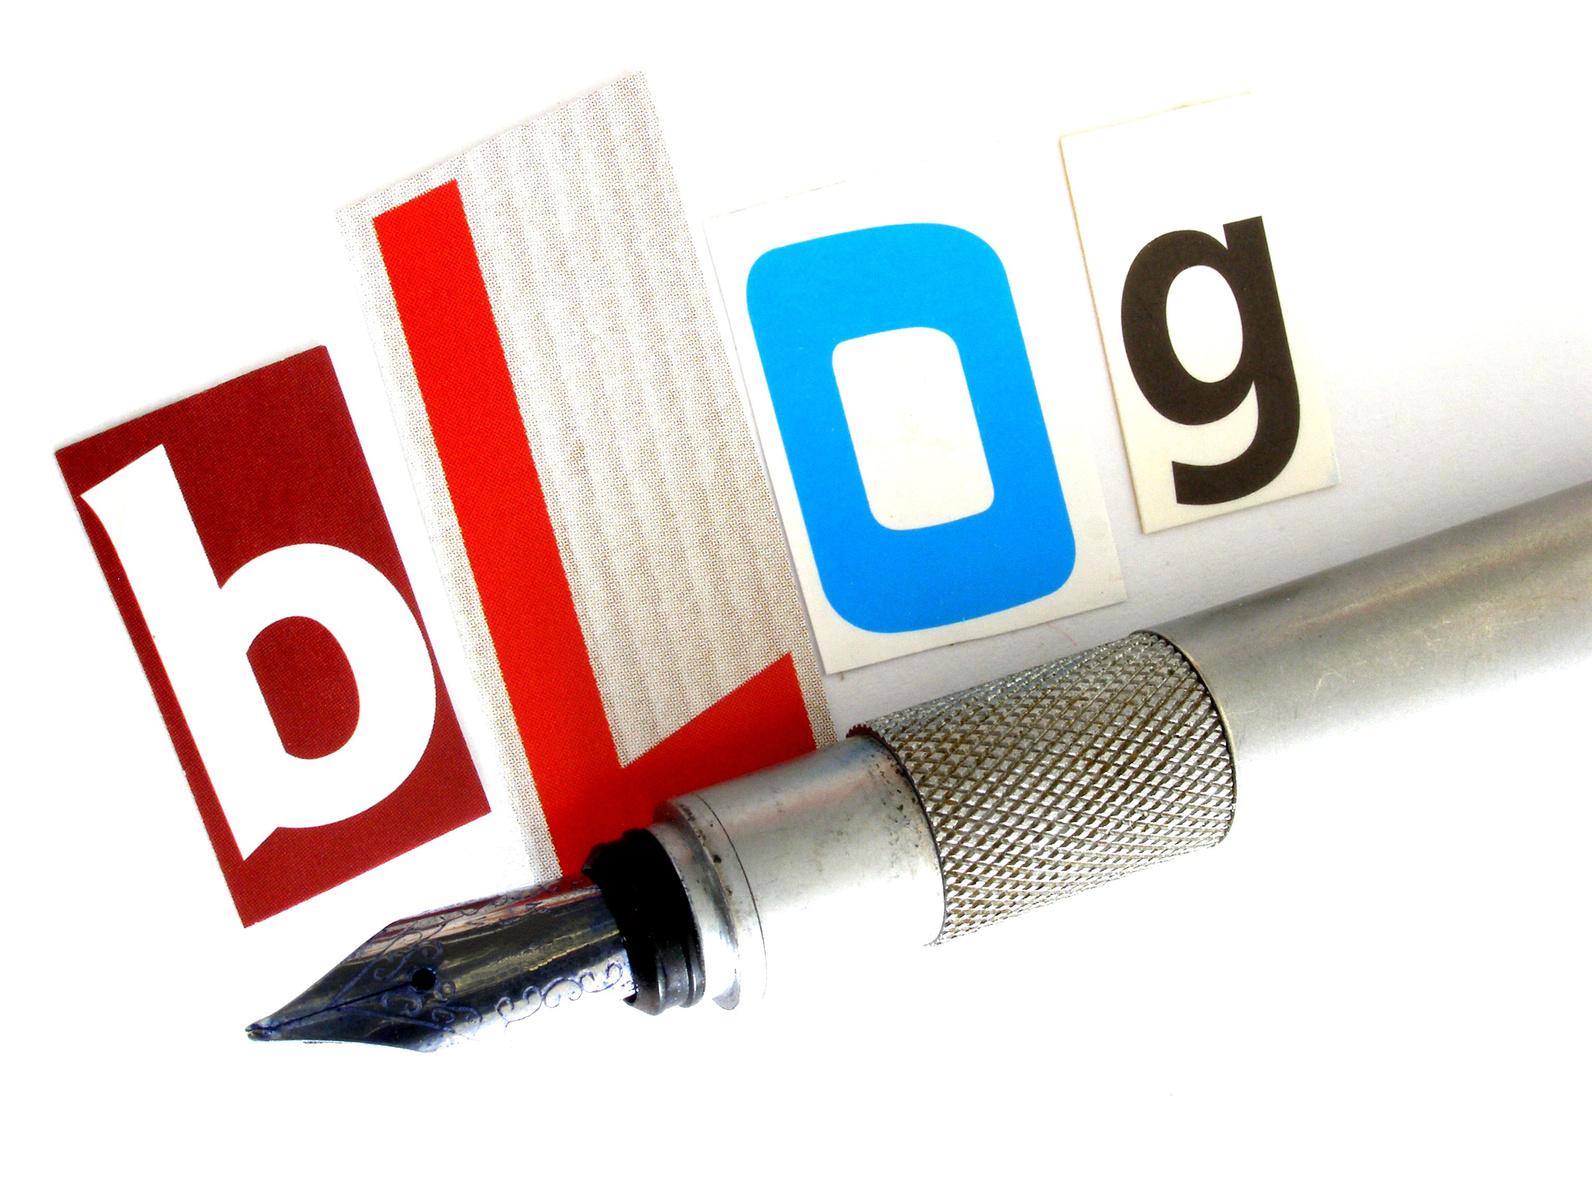 Личный блог как инструмент заработка